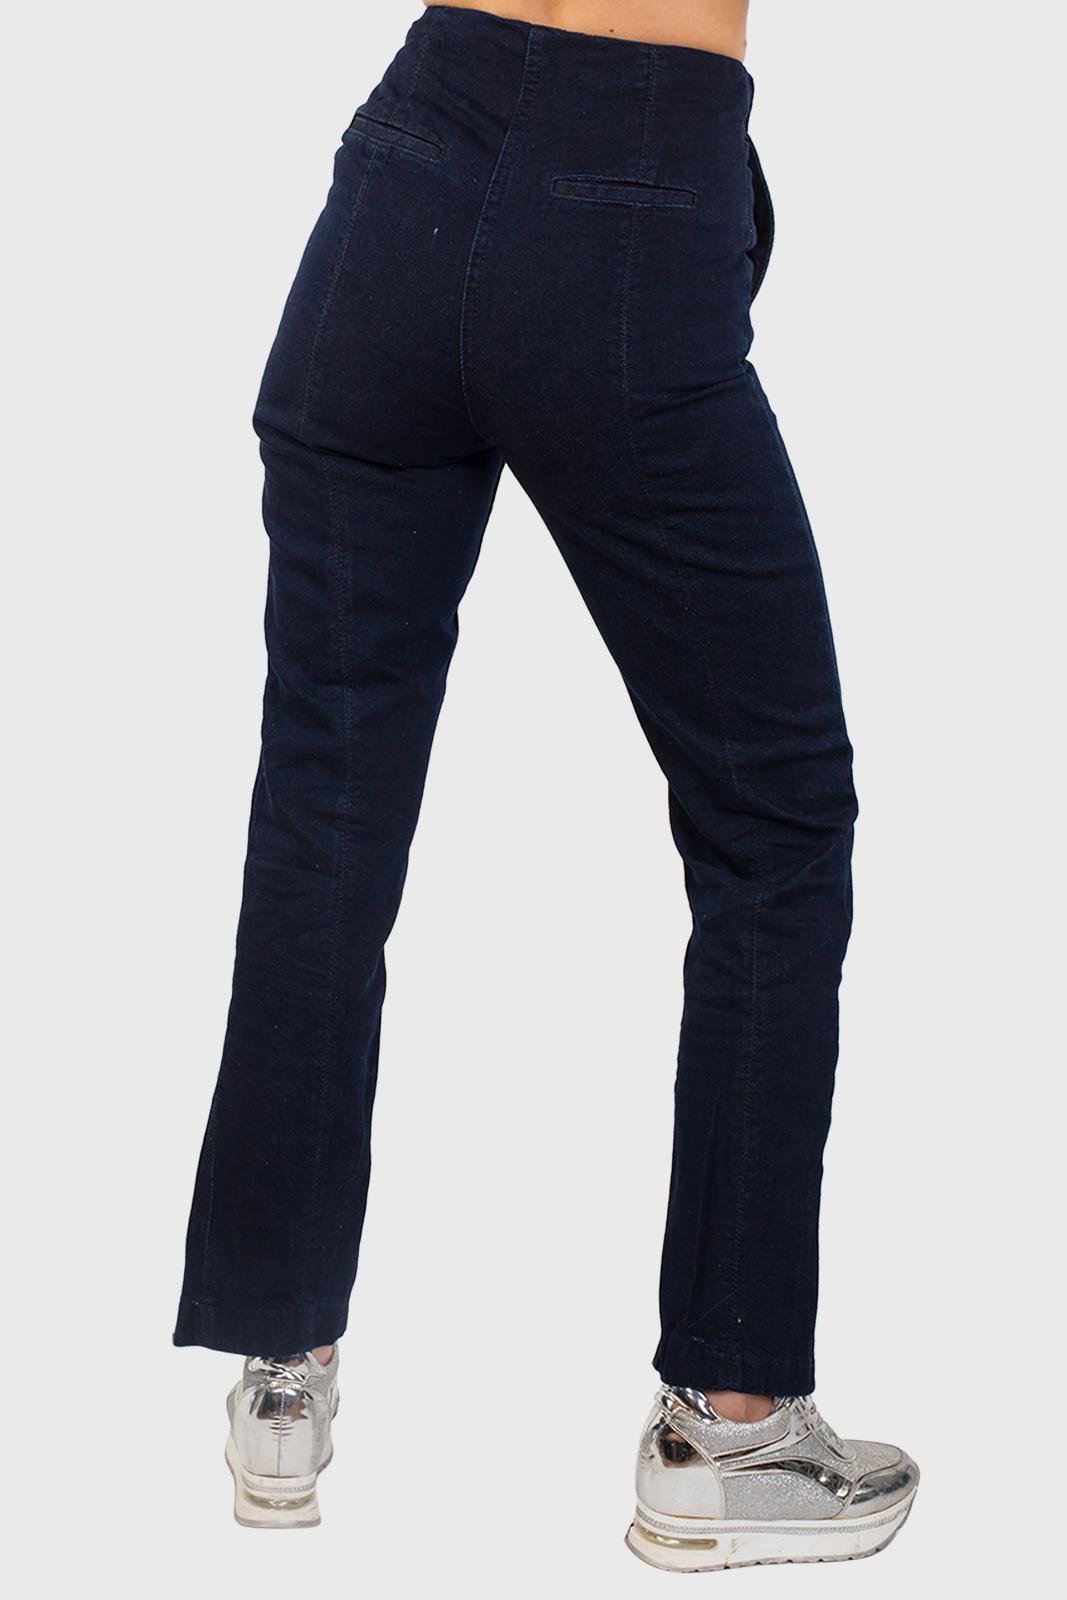 Темно-синие прямые женские джинсы с удобной доставкой